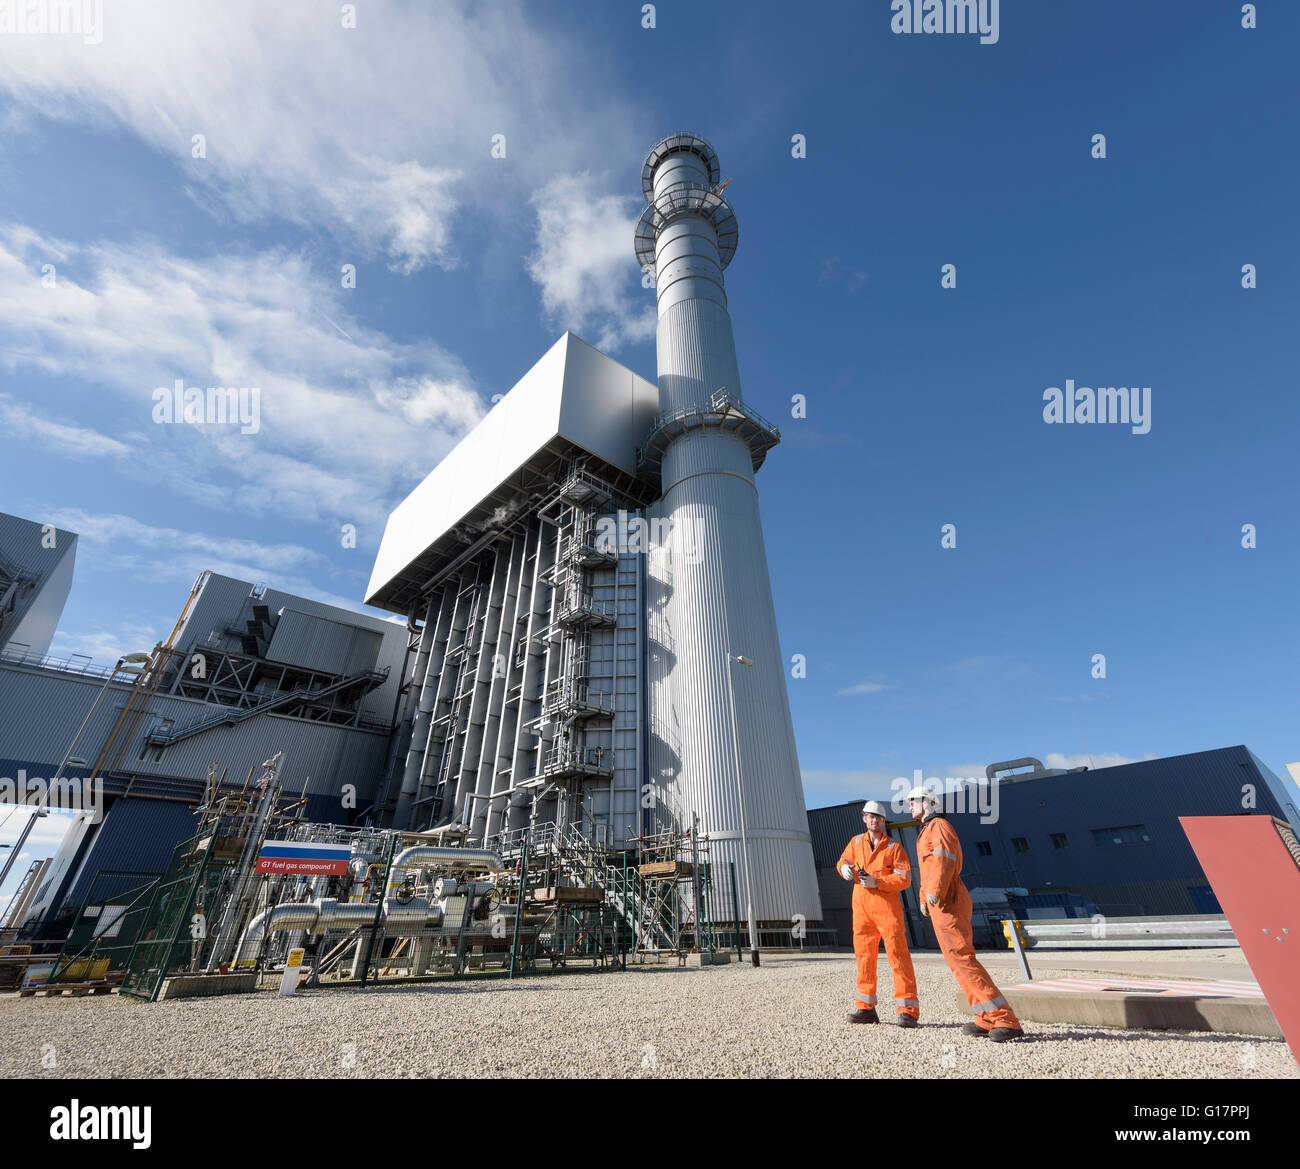 Arbeiter mit Stack und Kessel Gas-Kraftwerk Stockfoto, Bild ...